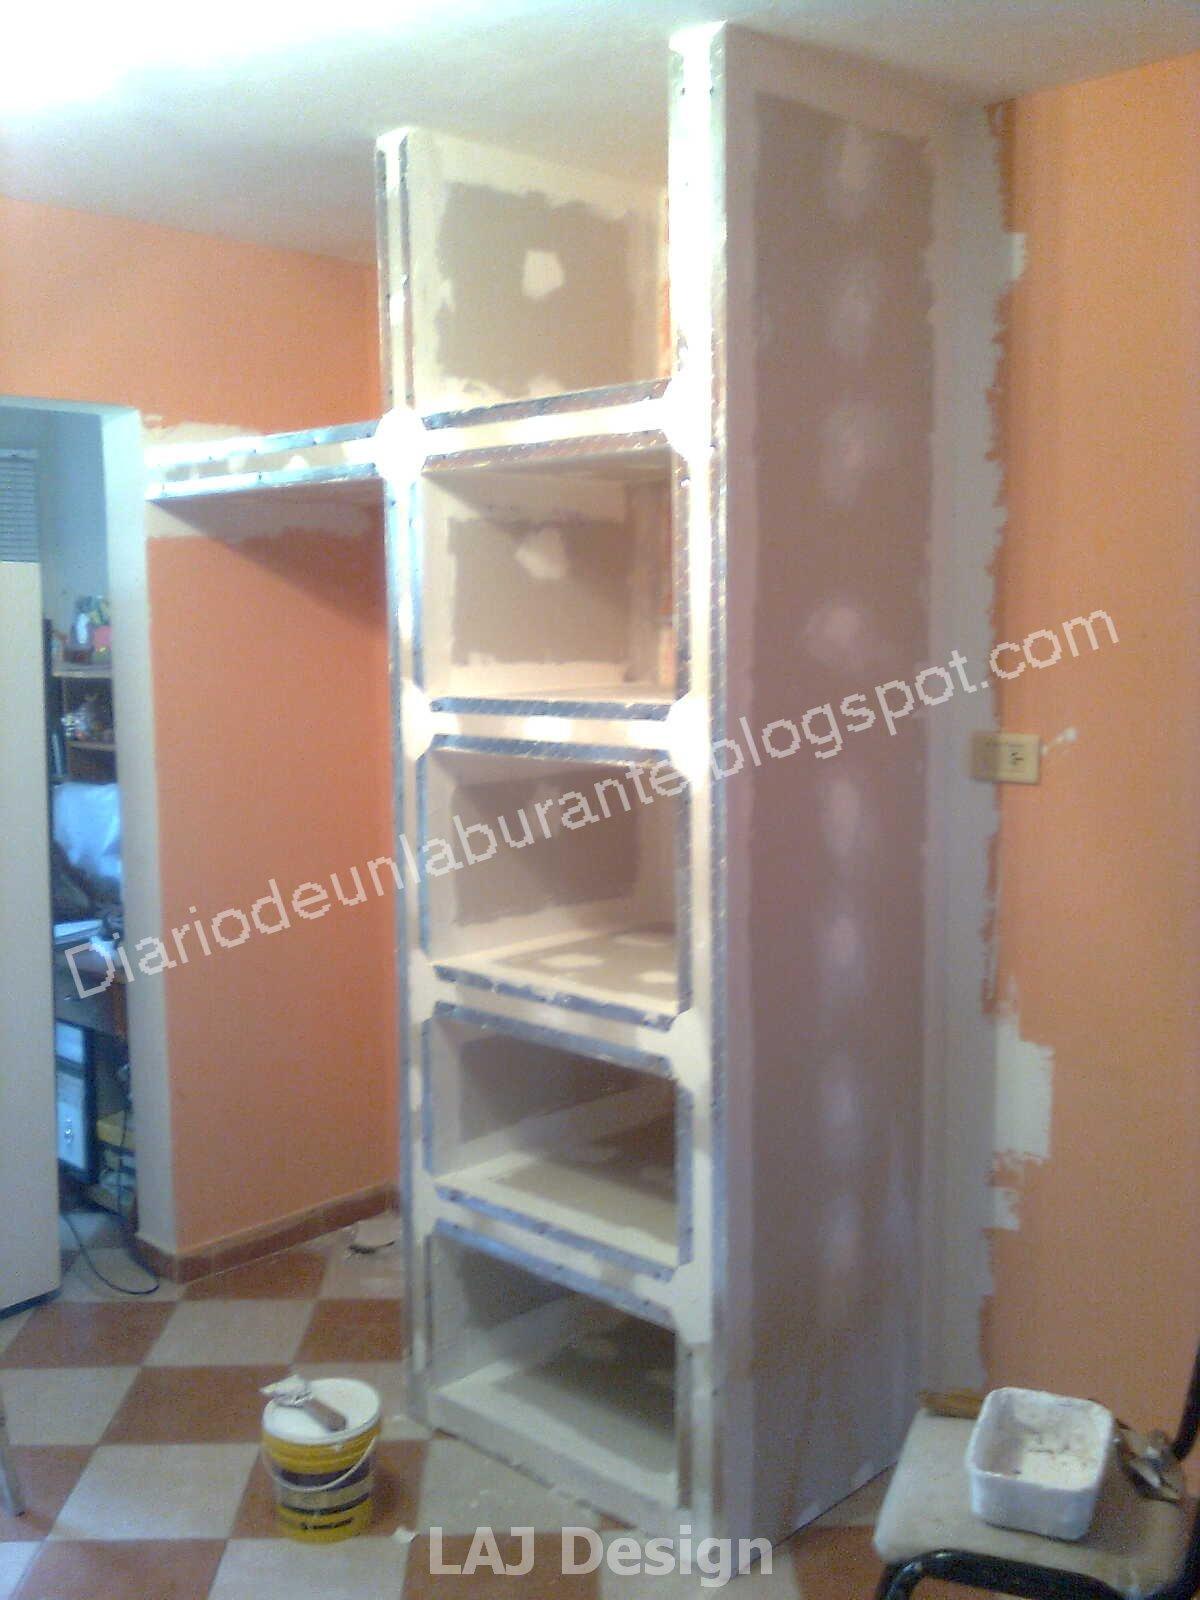 Diario de un laburante mueble durlock en la cocina parte 1 for Software para construir muebles